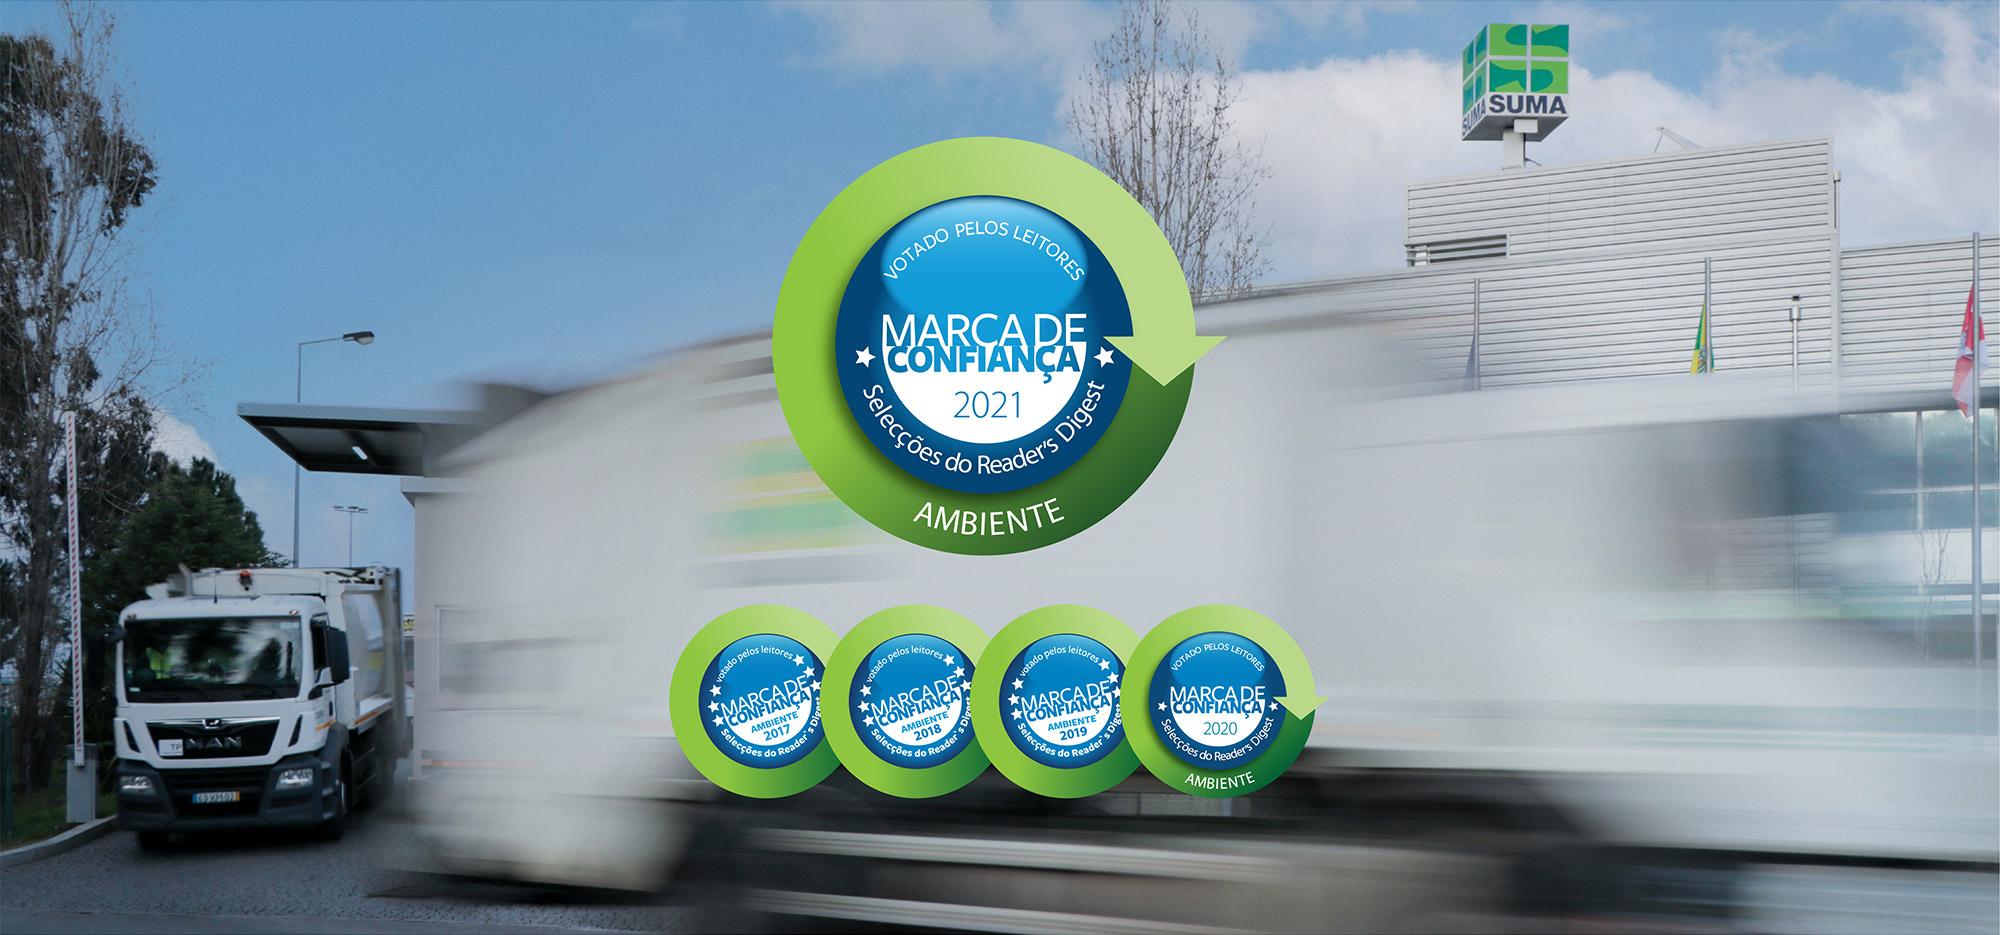 2-suma-marca-confianca-ambiente-2021